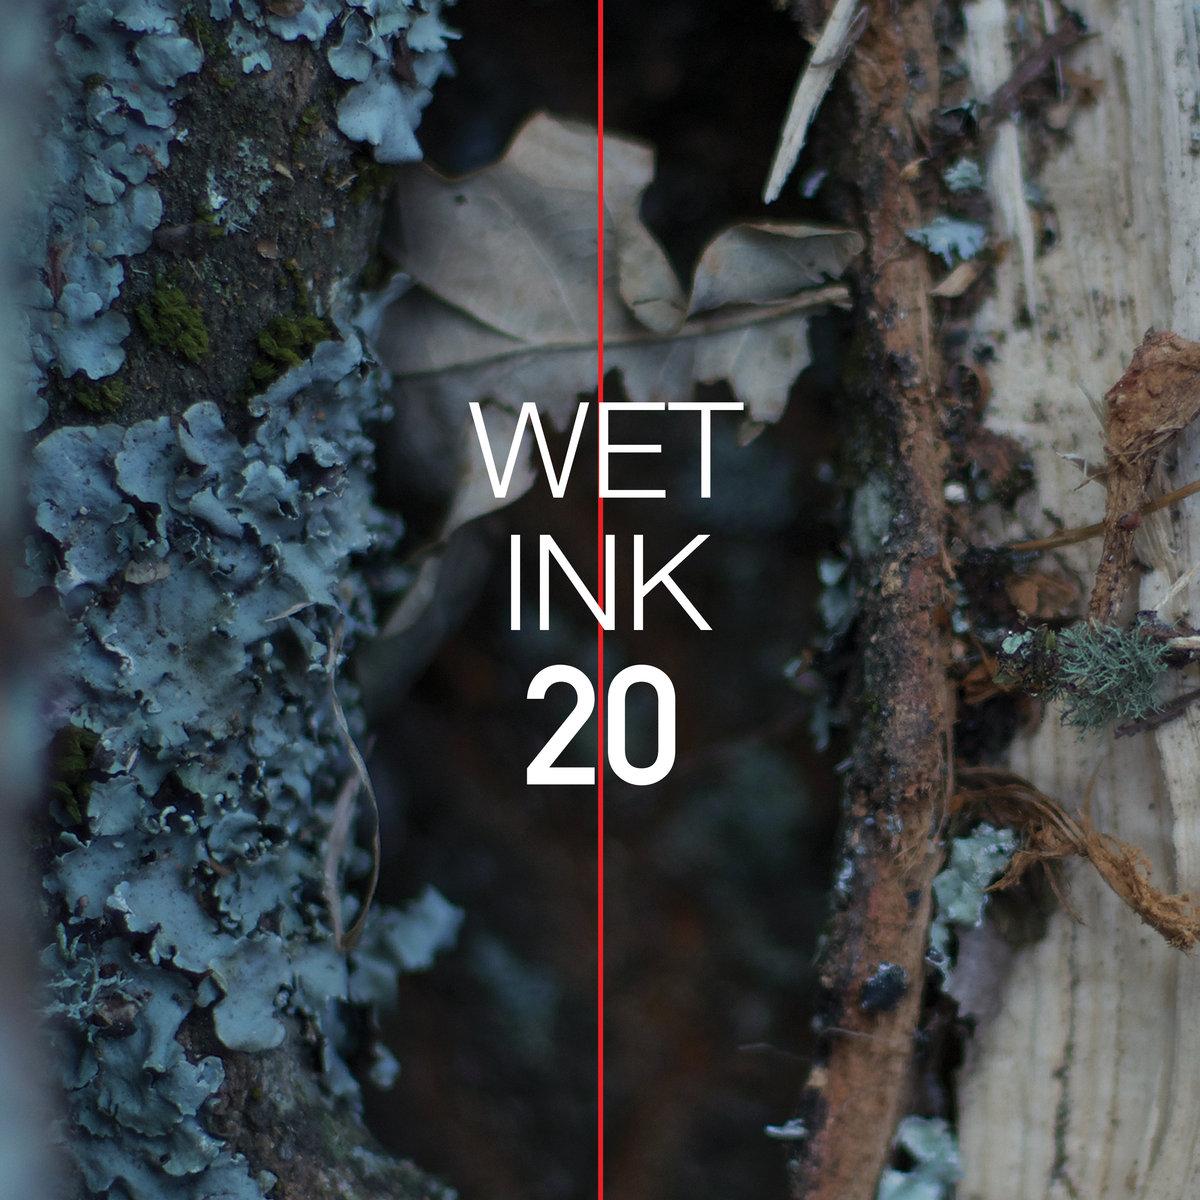 wetink20.jpg